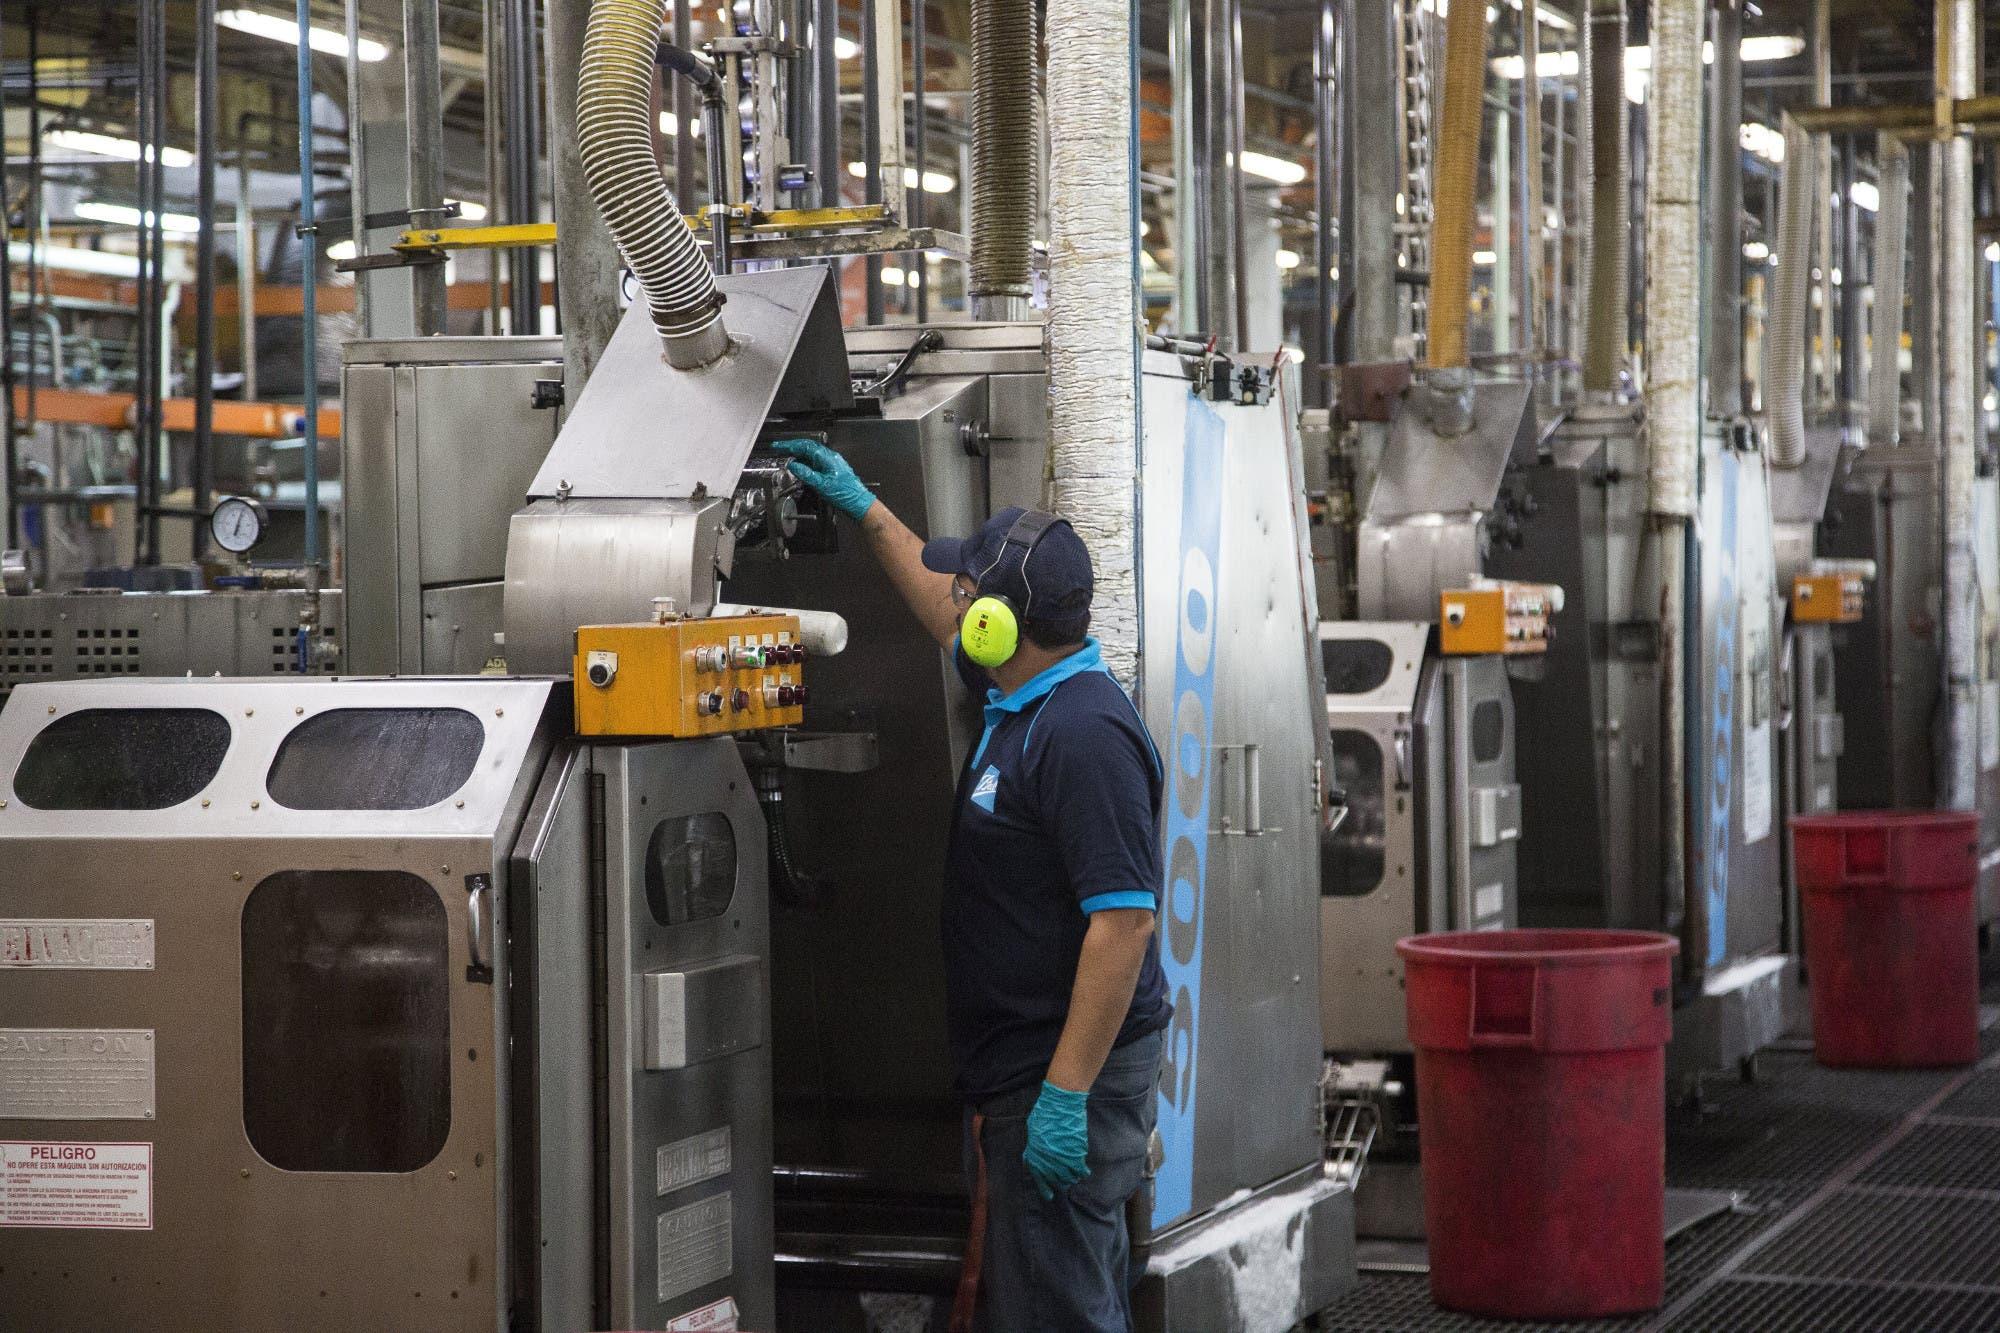 En 2019, la actividad económica se contrajo 2,1%, según el Indec